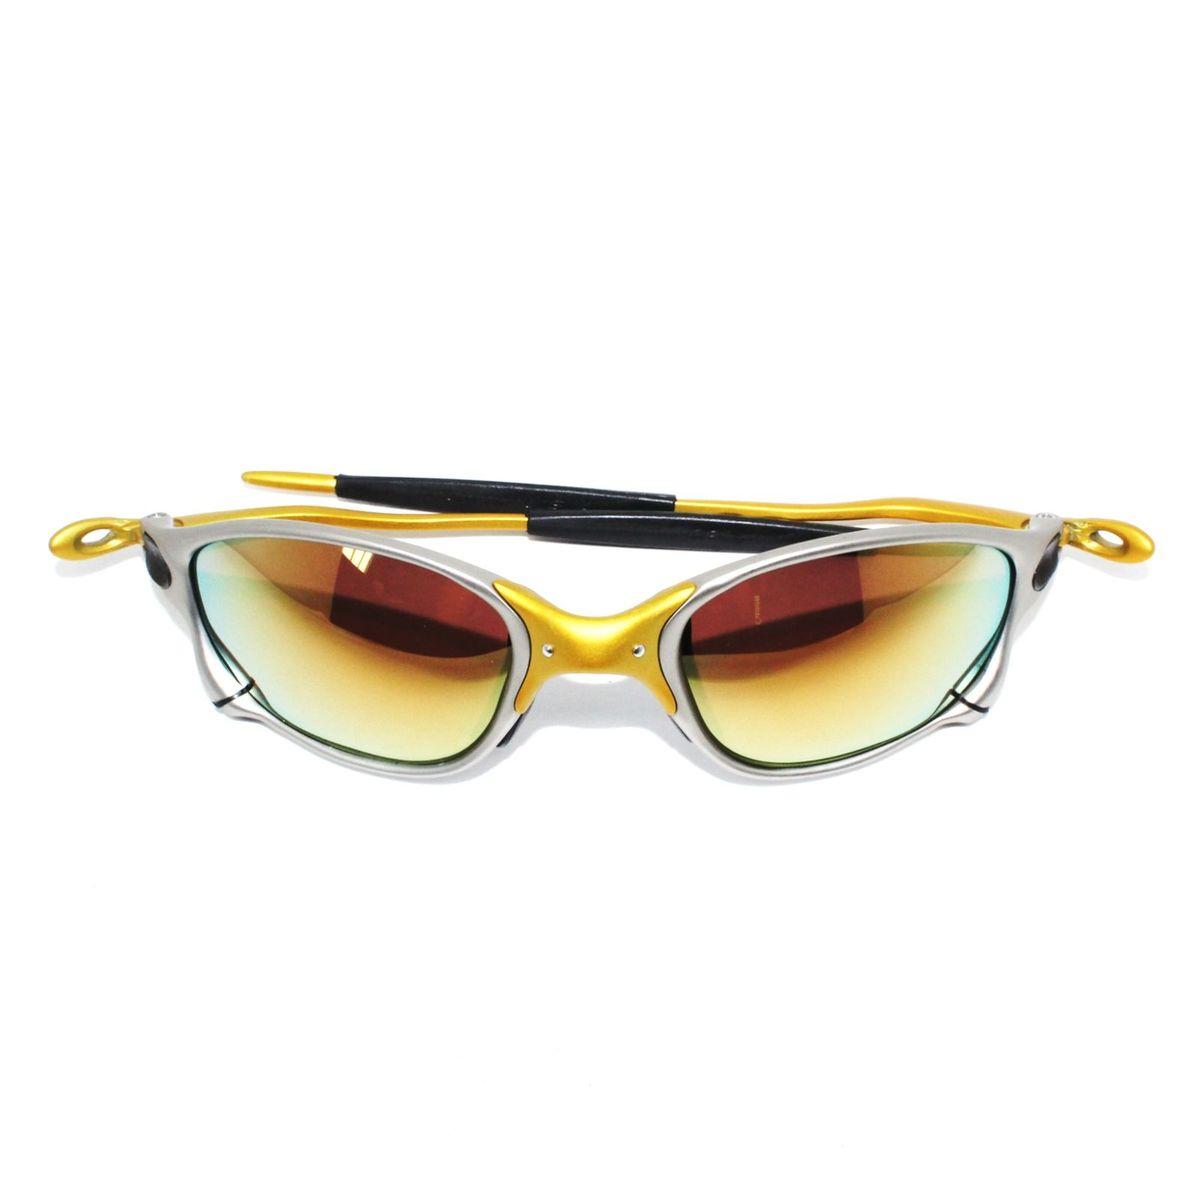 d09e51c2e597c óculos oakley juliet romeo 24k x-squared double várias cores - óculos oakley